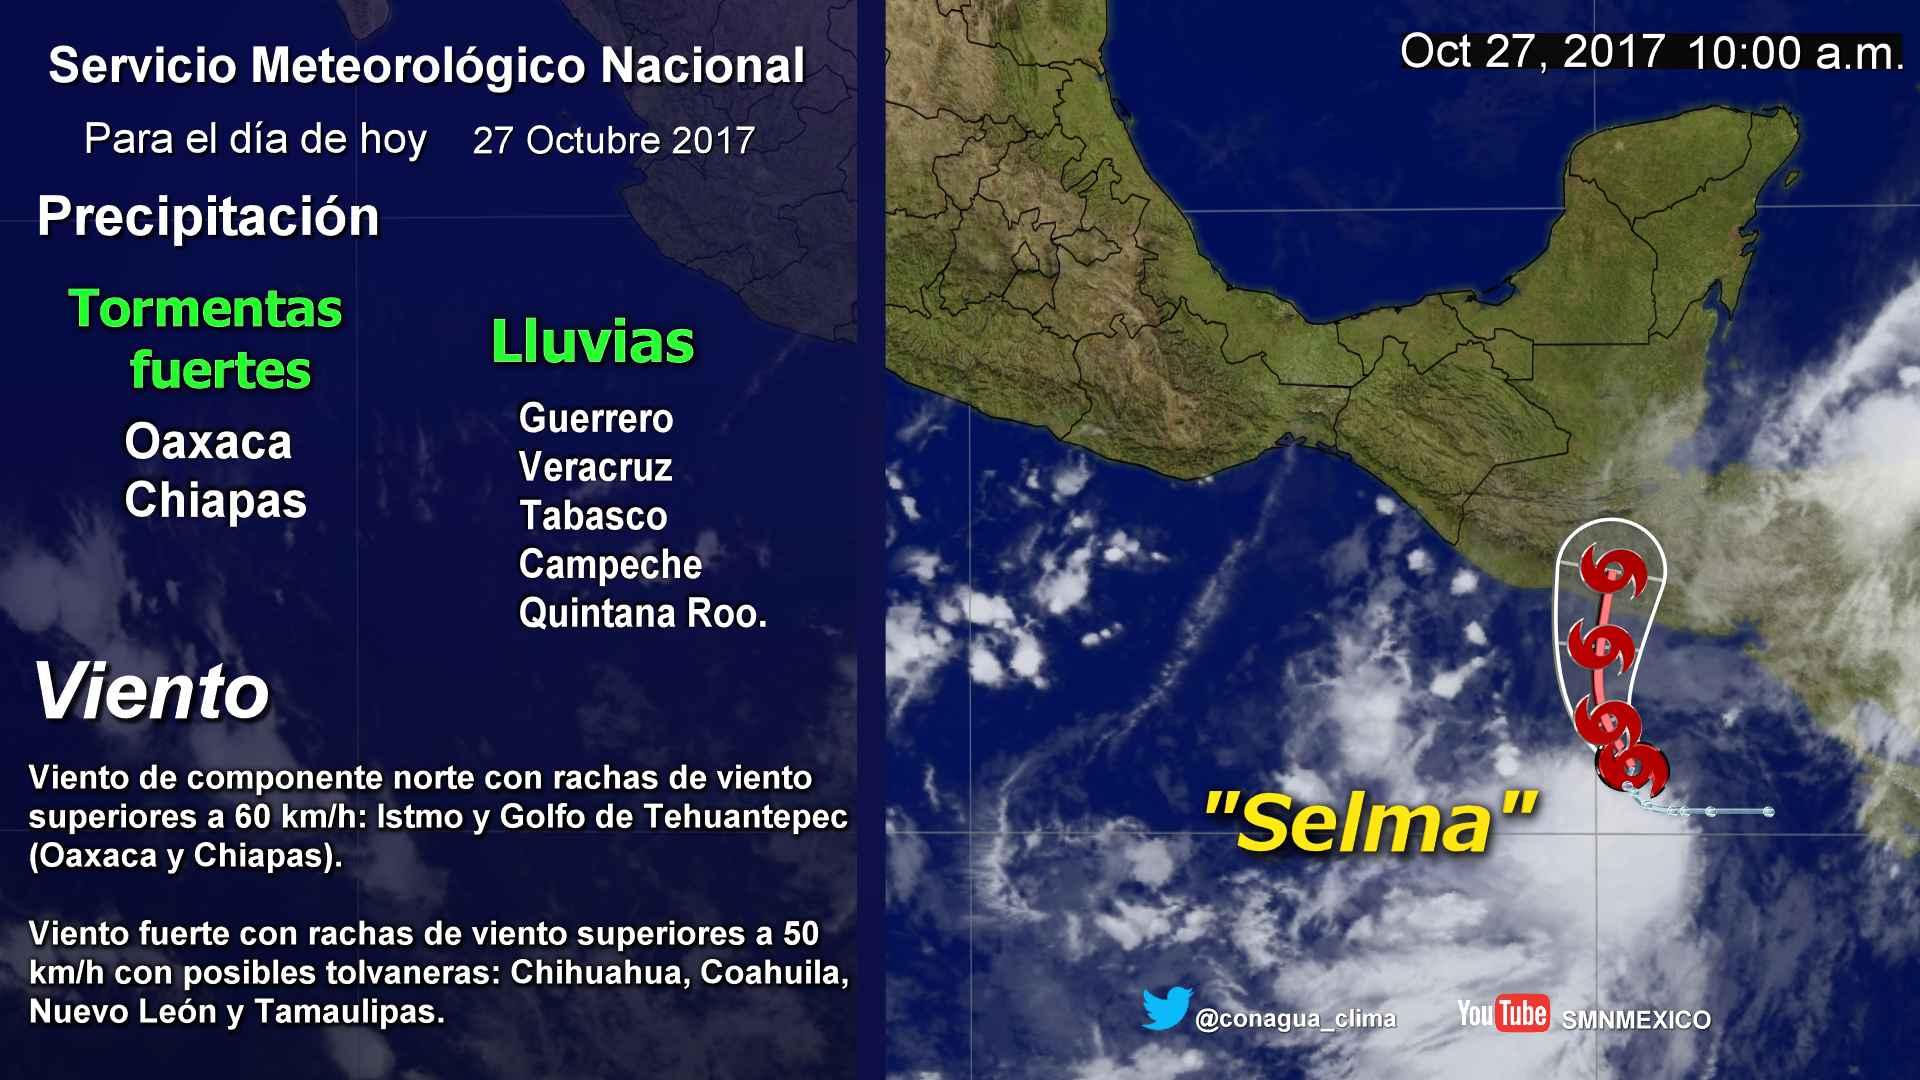 Se prevén bajas temperaturas para las zonas montañosas de Tlaxcala